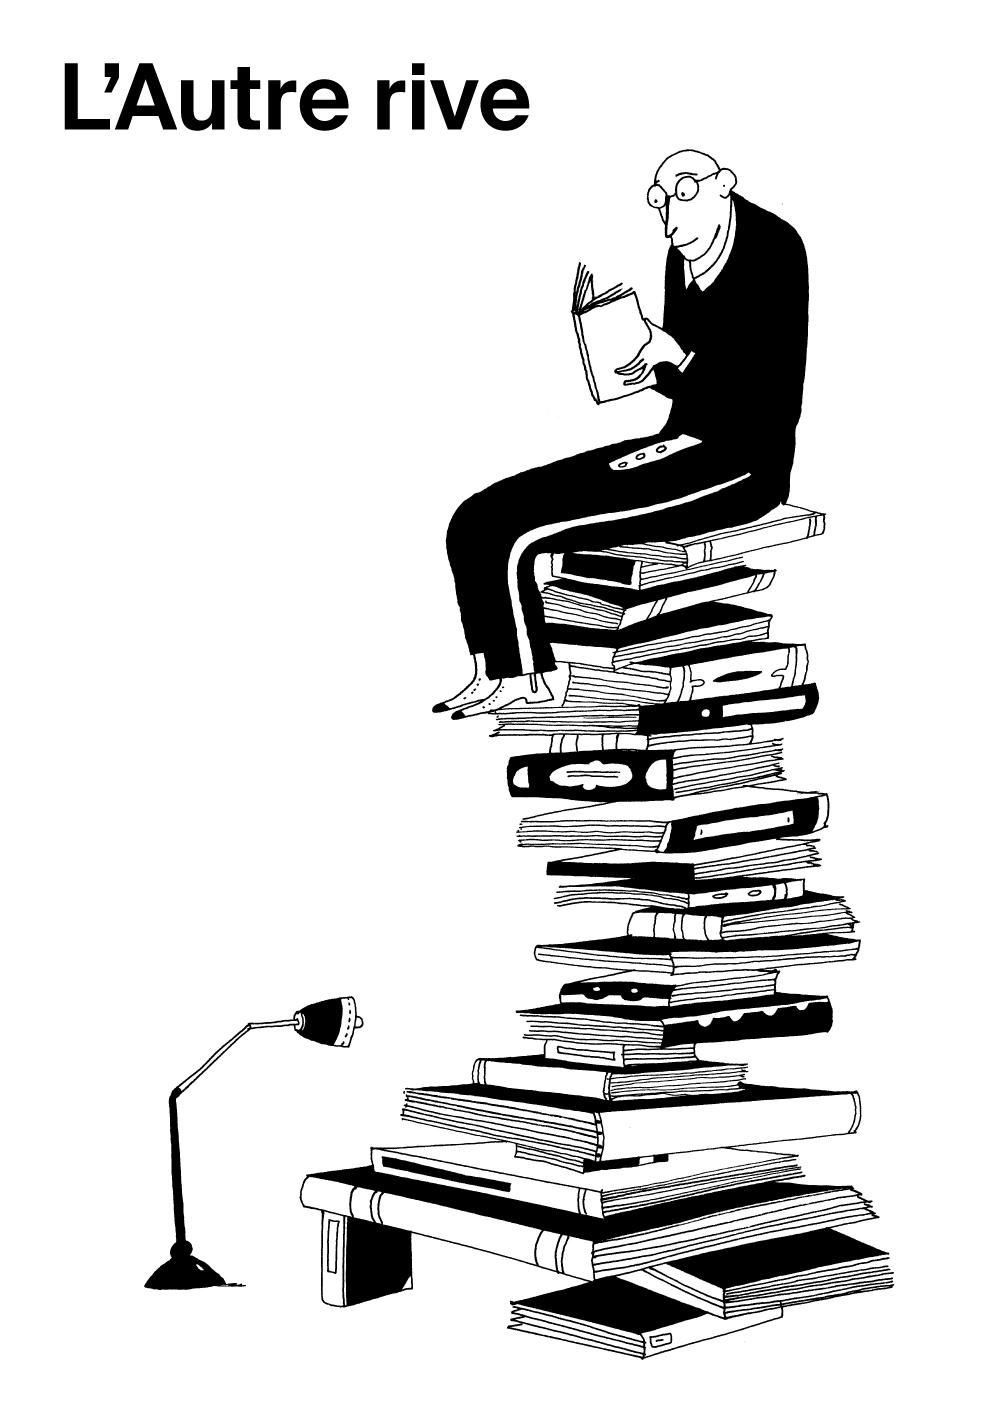 Prologue n°2: L'autre rive I – Rencontres littéraires